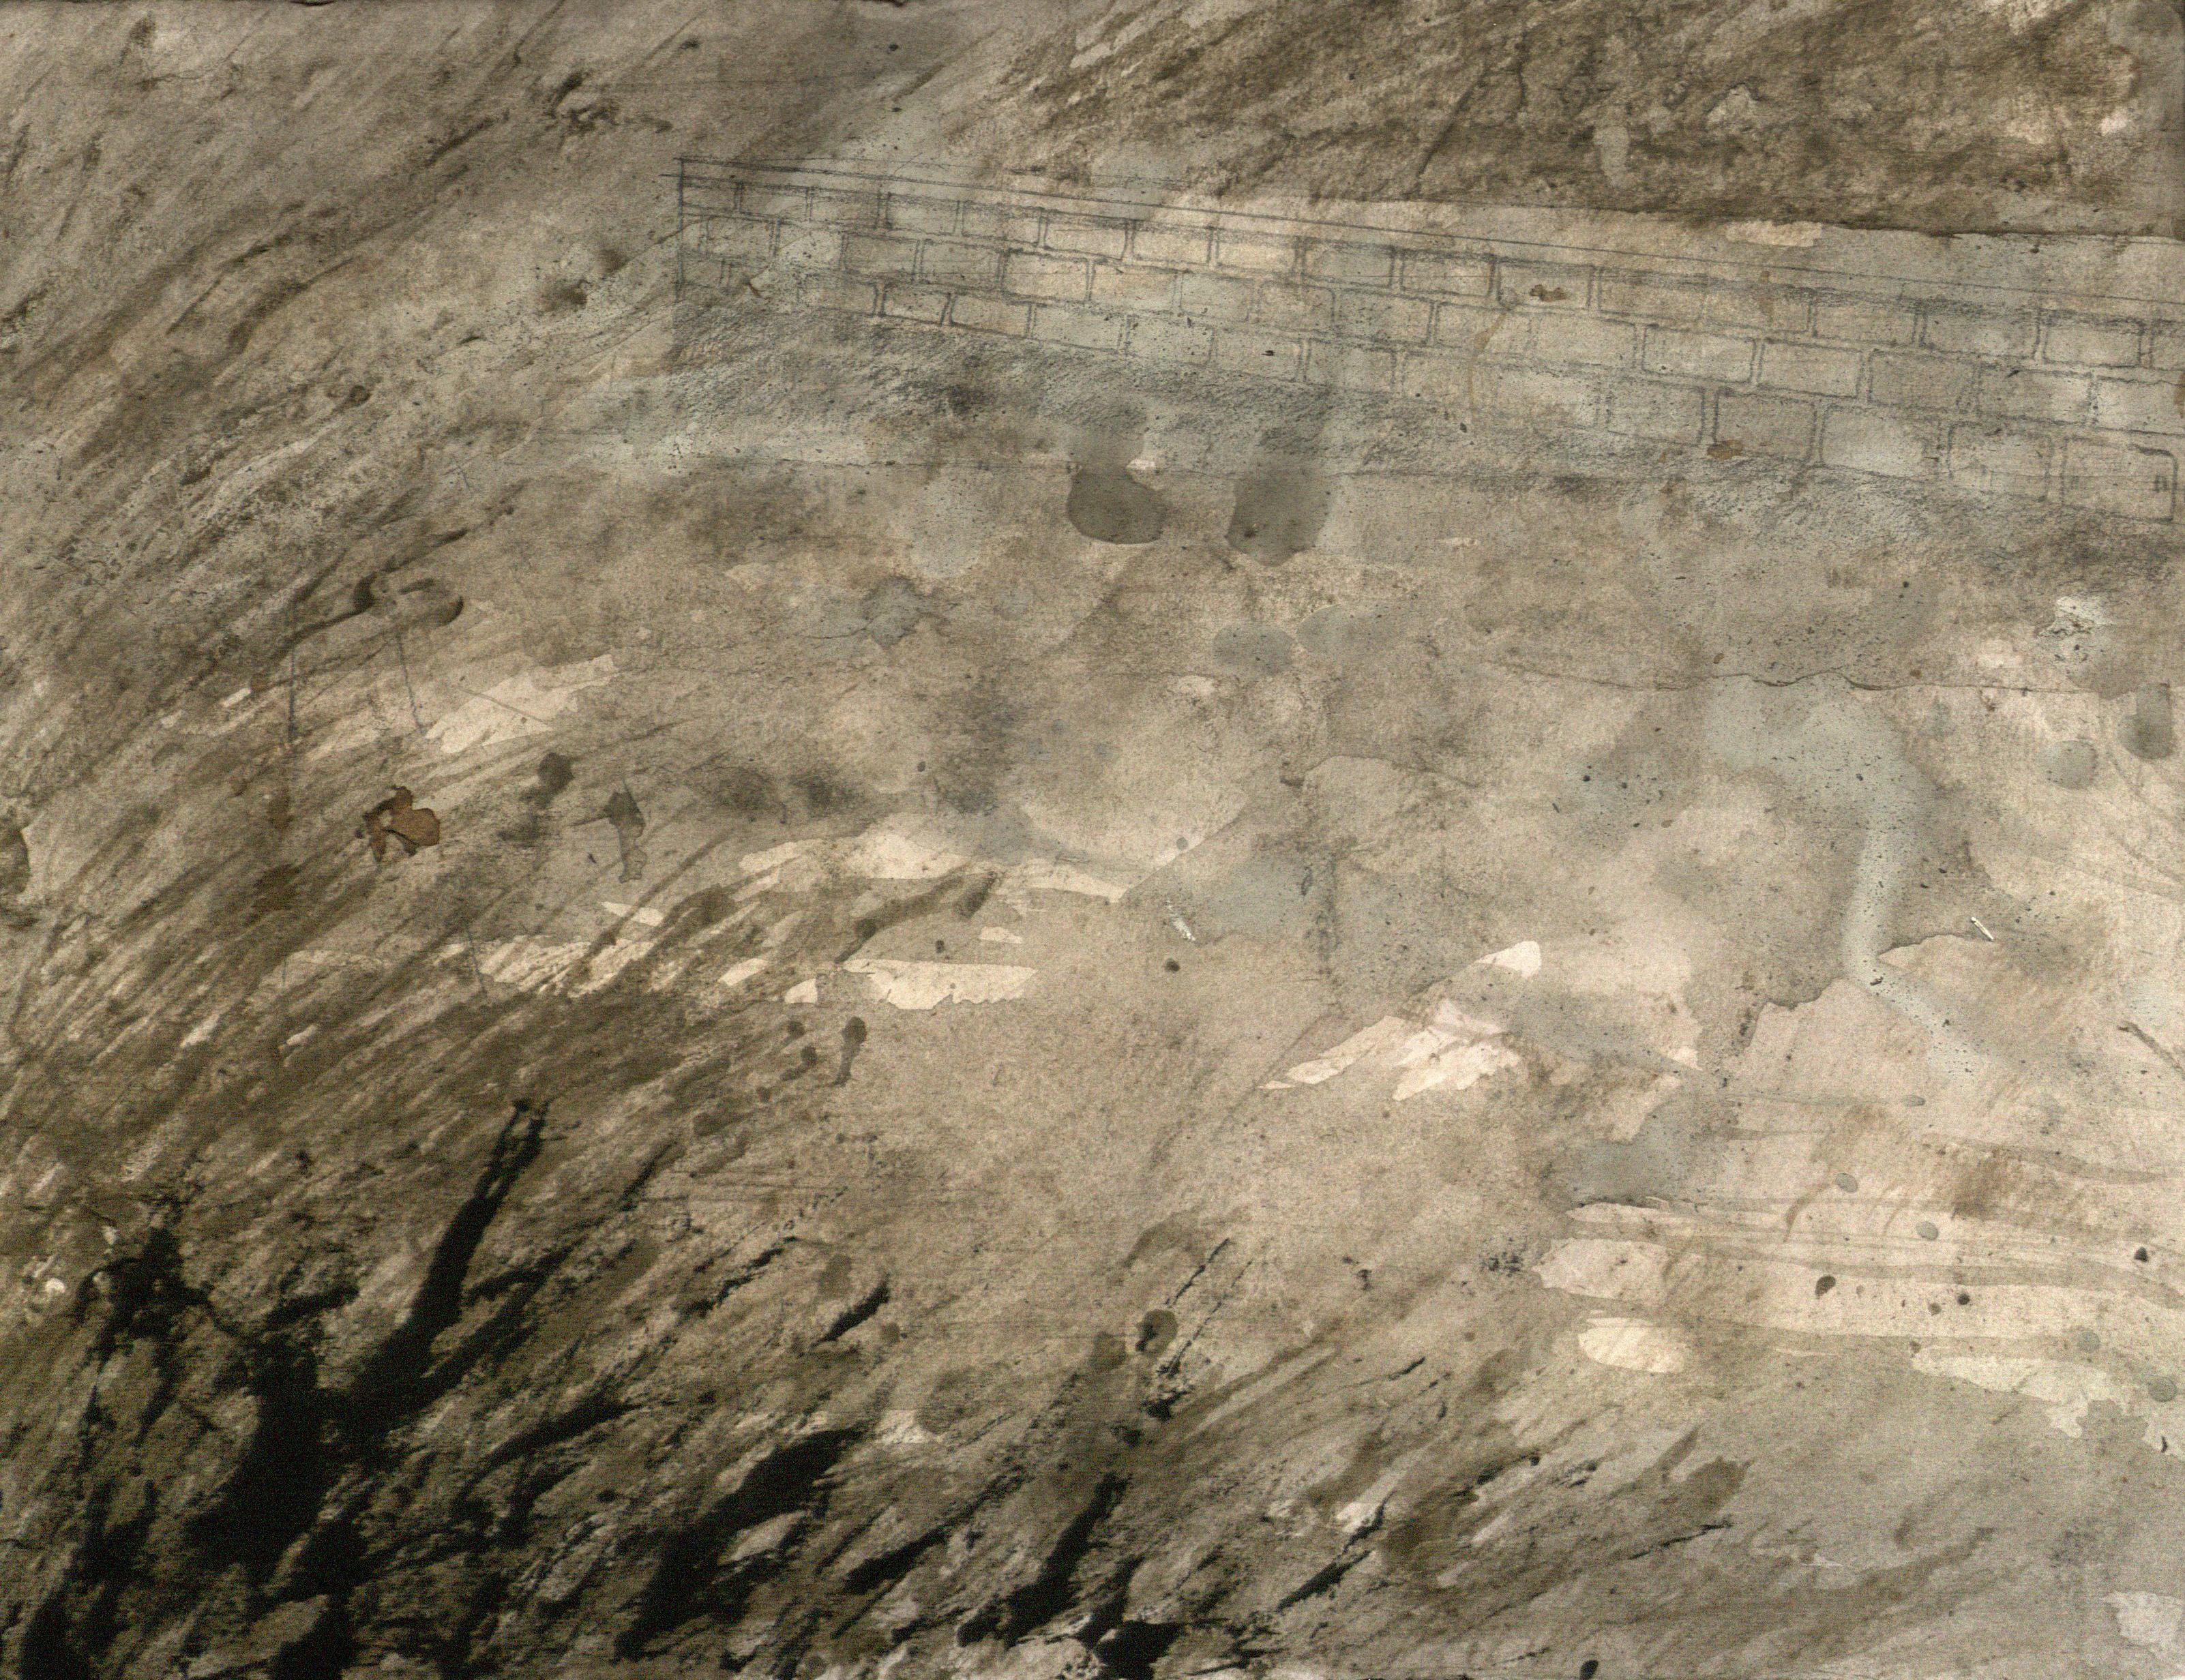 Mossasuck in Winter 9, 2009